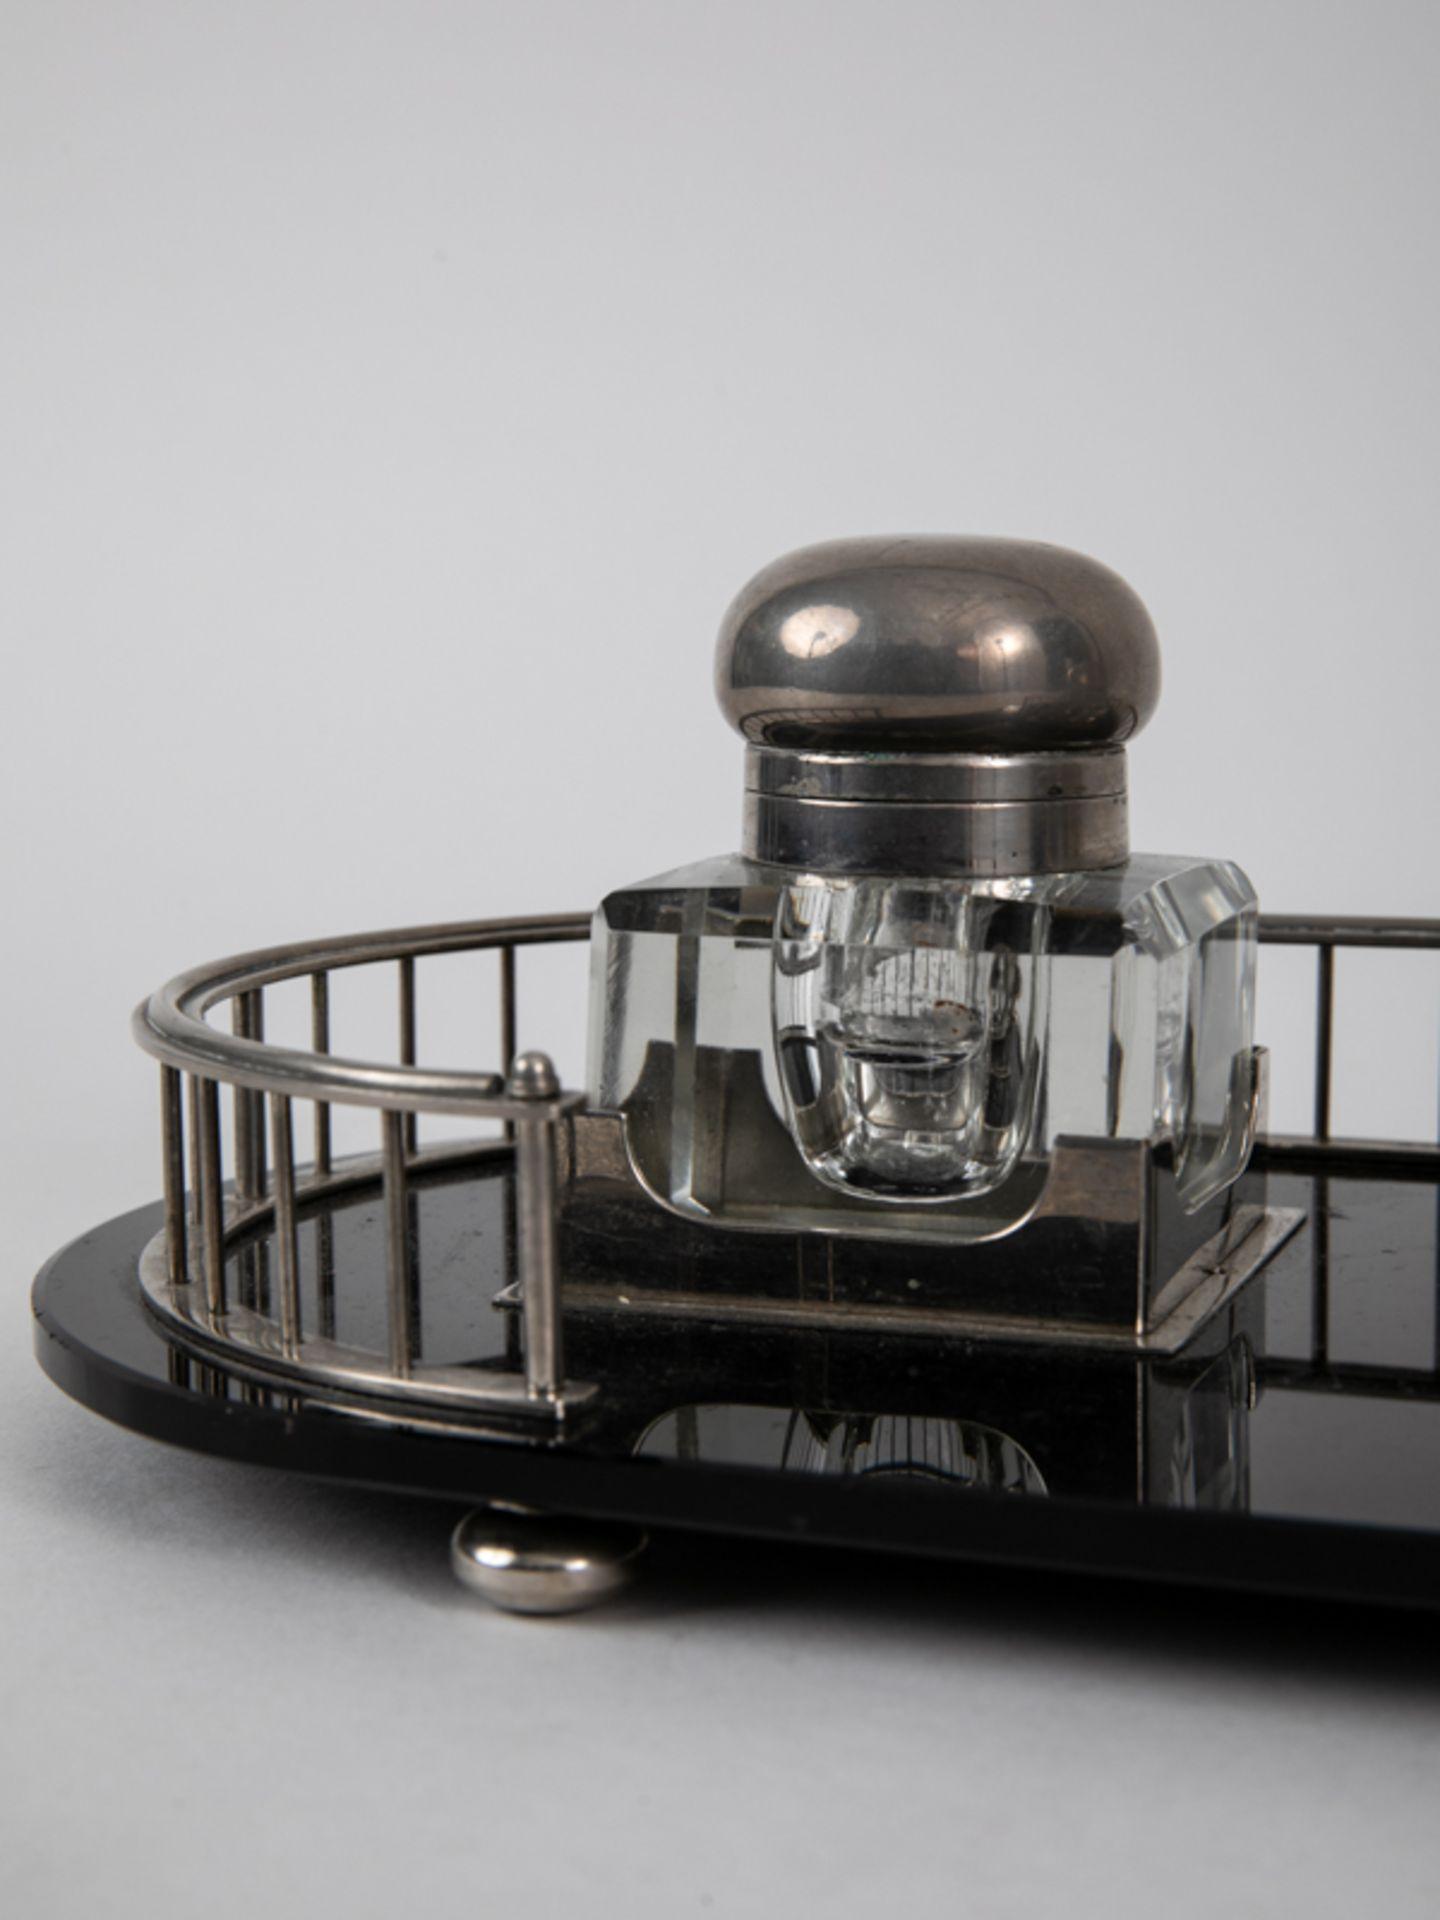 Art-Déco-Schreibtischgarnitur mit 2 Tintenfässern, Anf. 20. Jh. Glas und Nickel; 3-teilig, be - Bild 5 aus 6